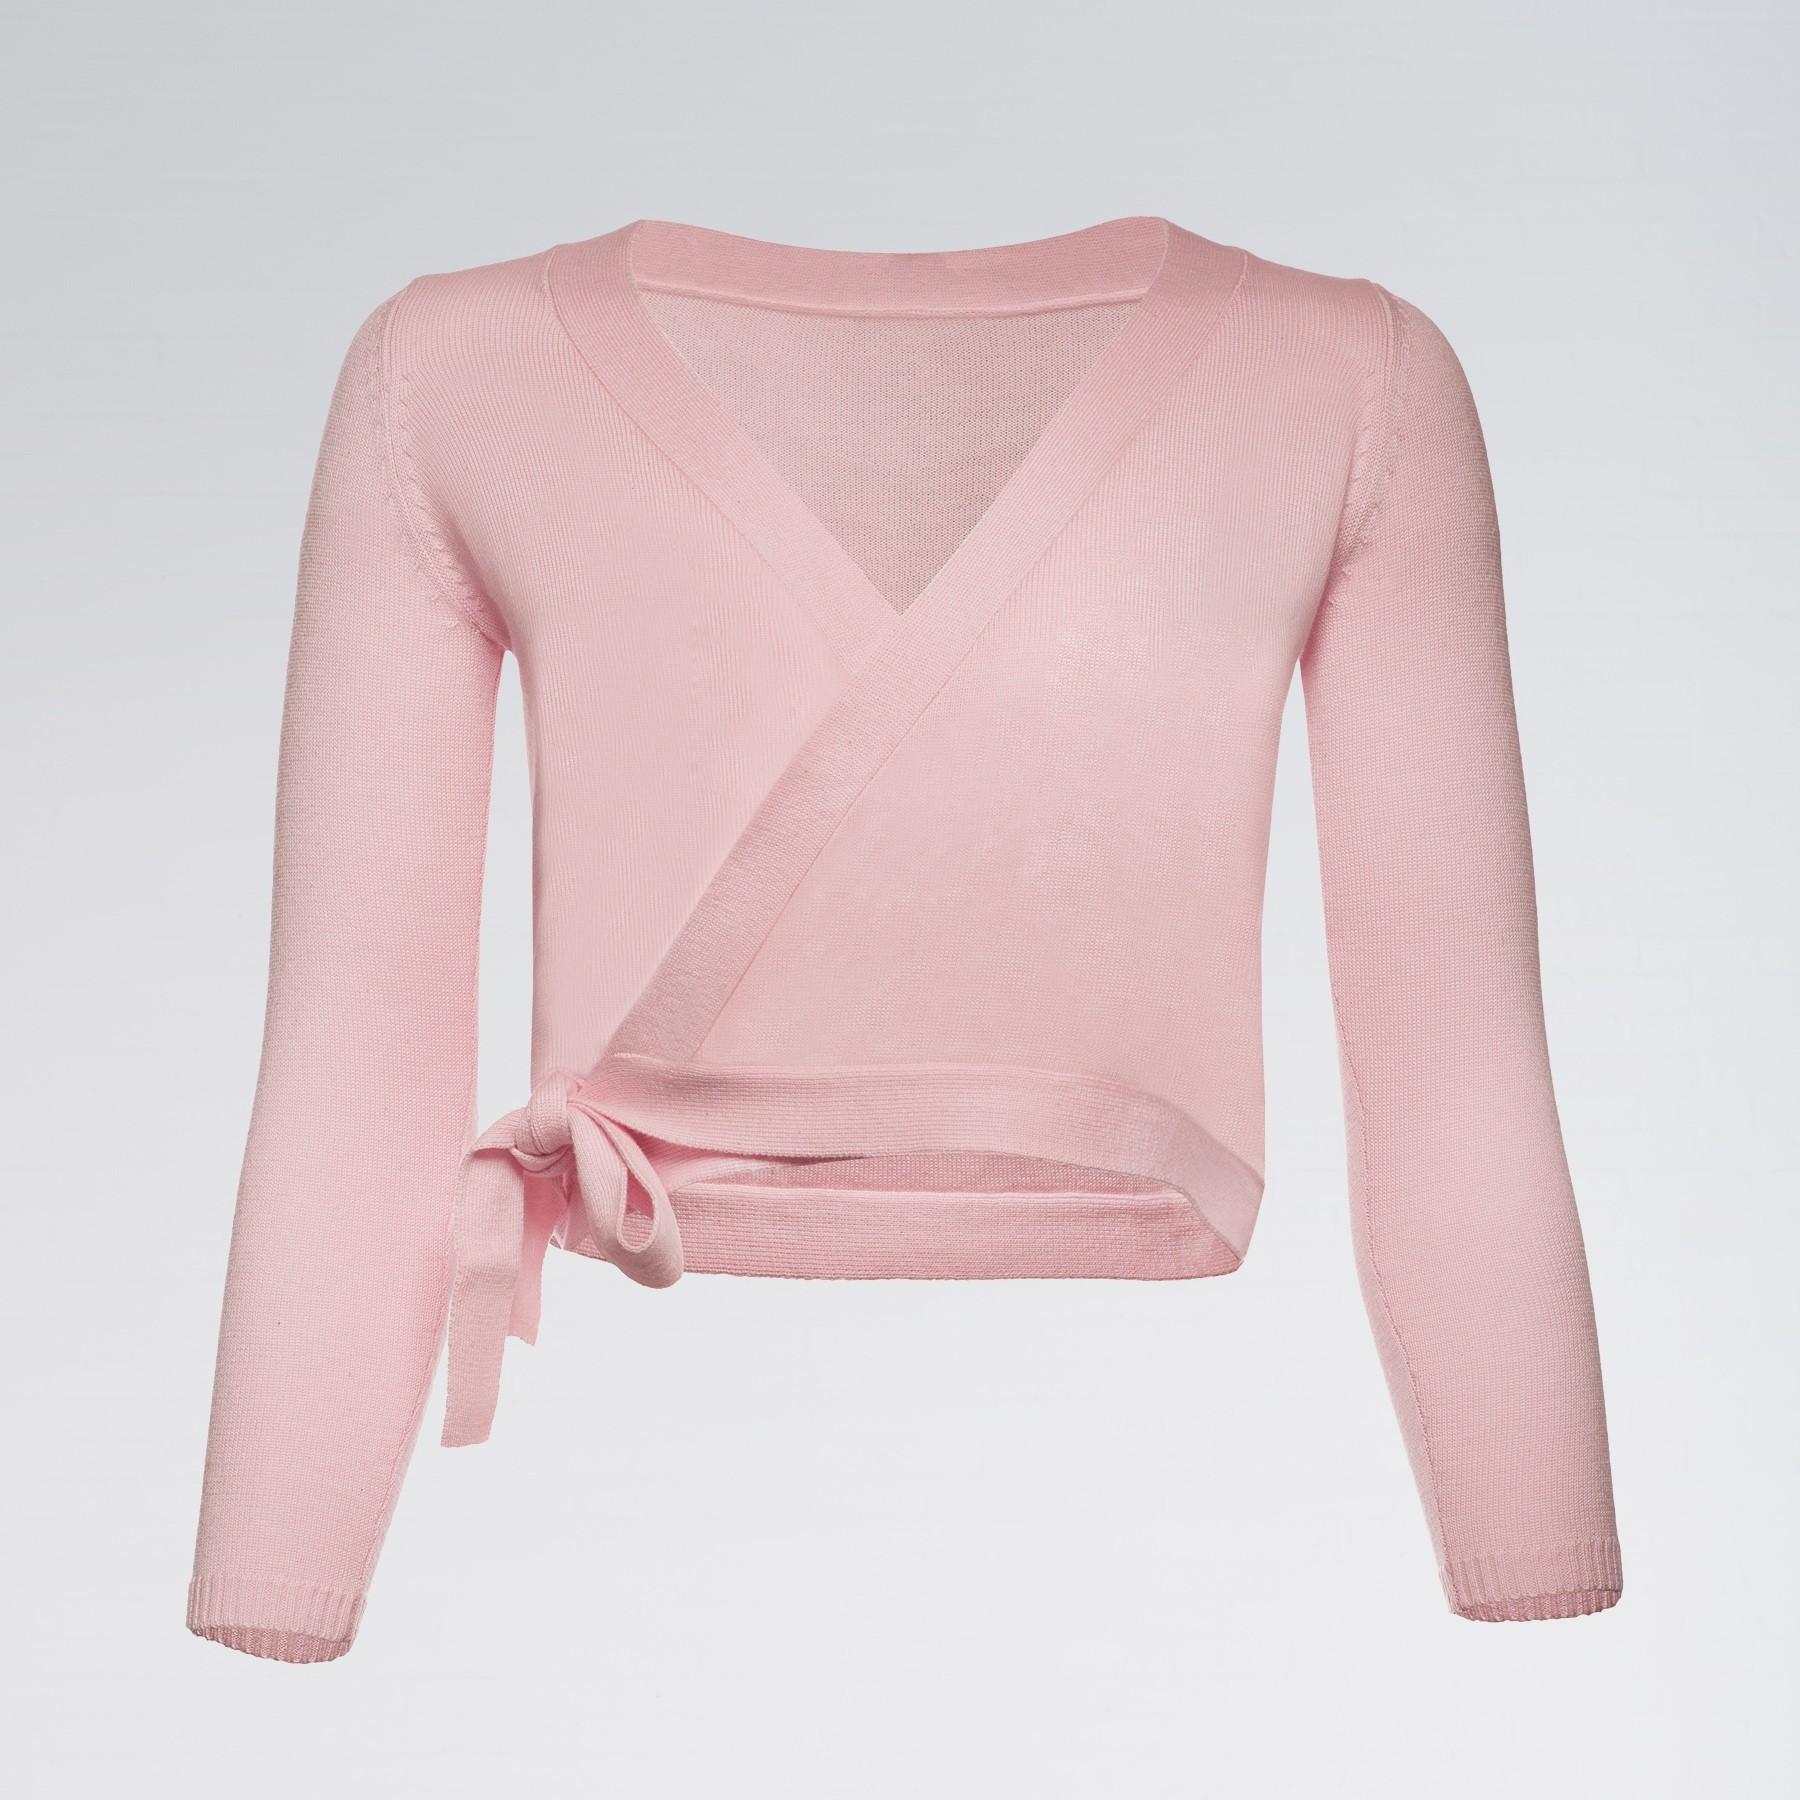 Capezio Wrap Sweater Pink Child Medium